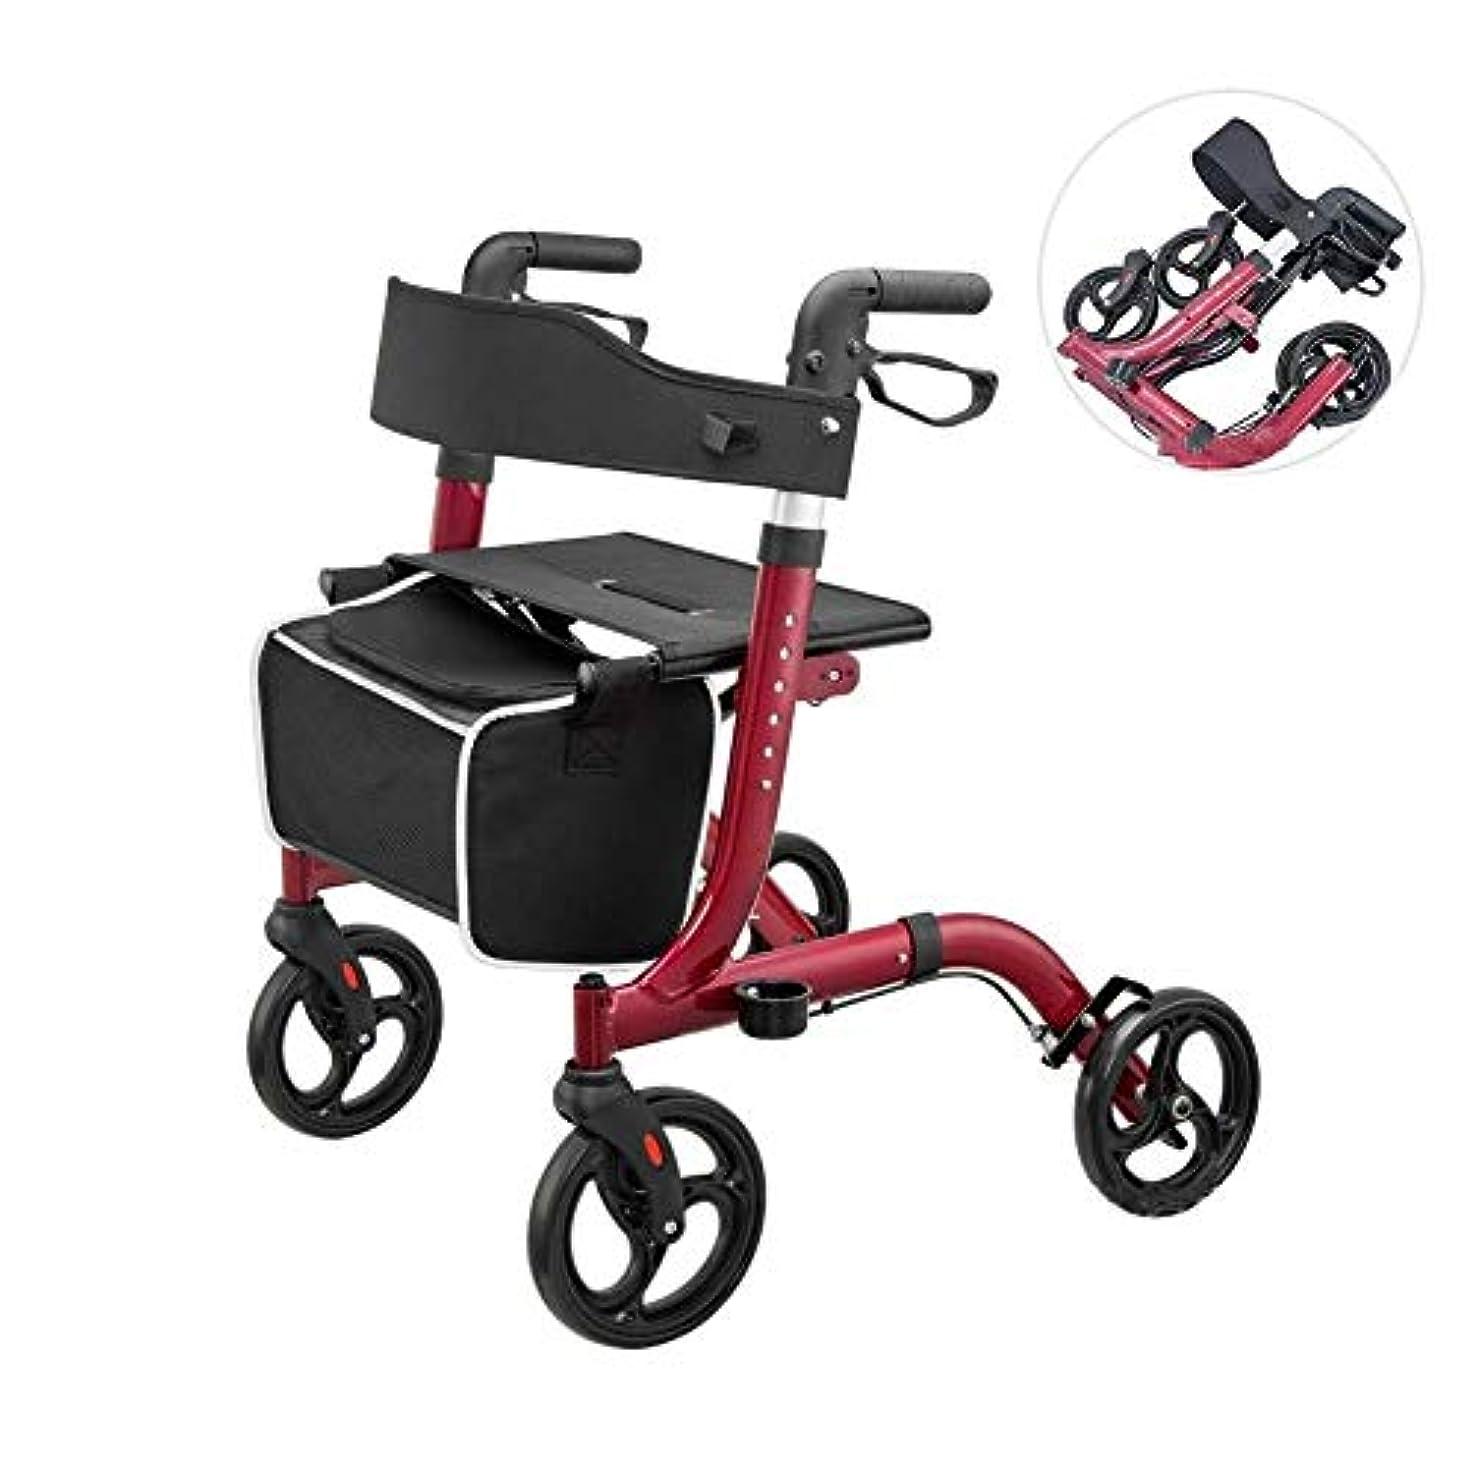 マークダウン無限韻障害者および老人用の座席と買い物かごを備えた軽量折りたたみ式歩行器